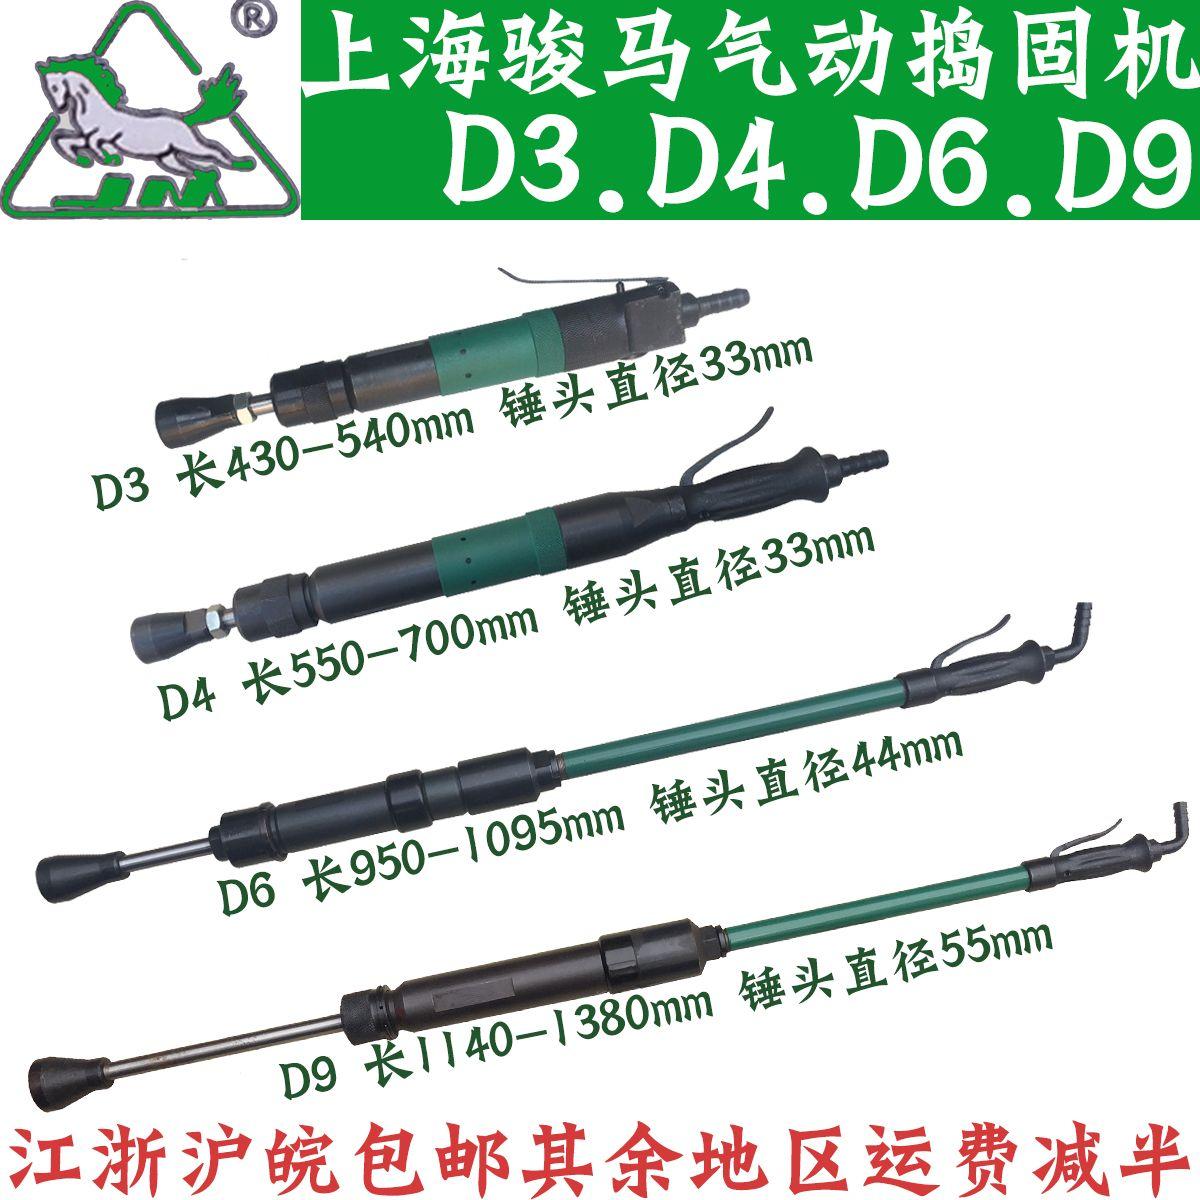 上海骏马气动捣固机D3 D4 D6 D9 气锤 风动捣固机 捣鼓锤 翻沙锤